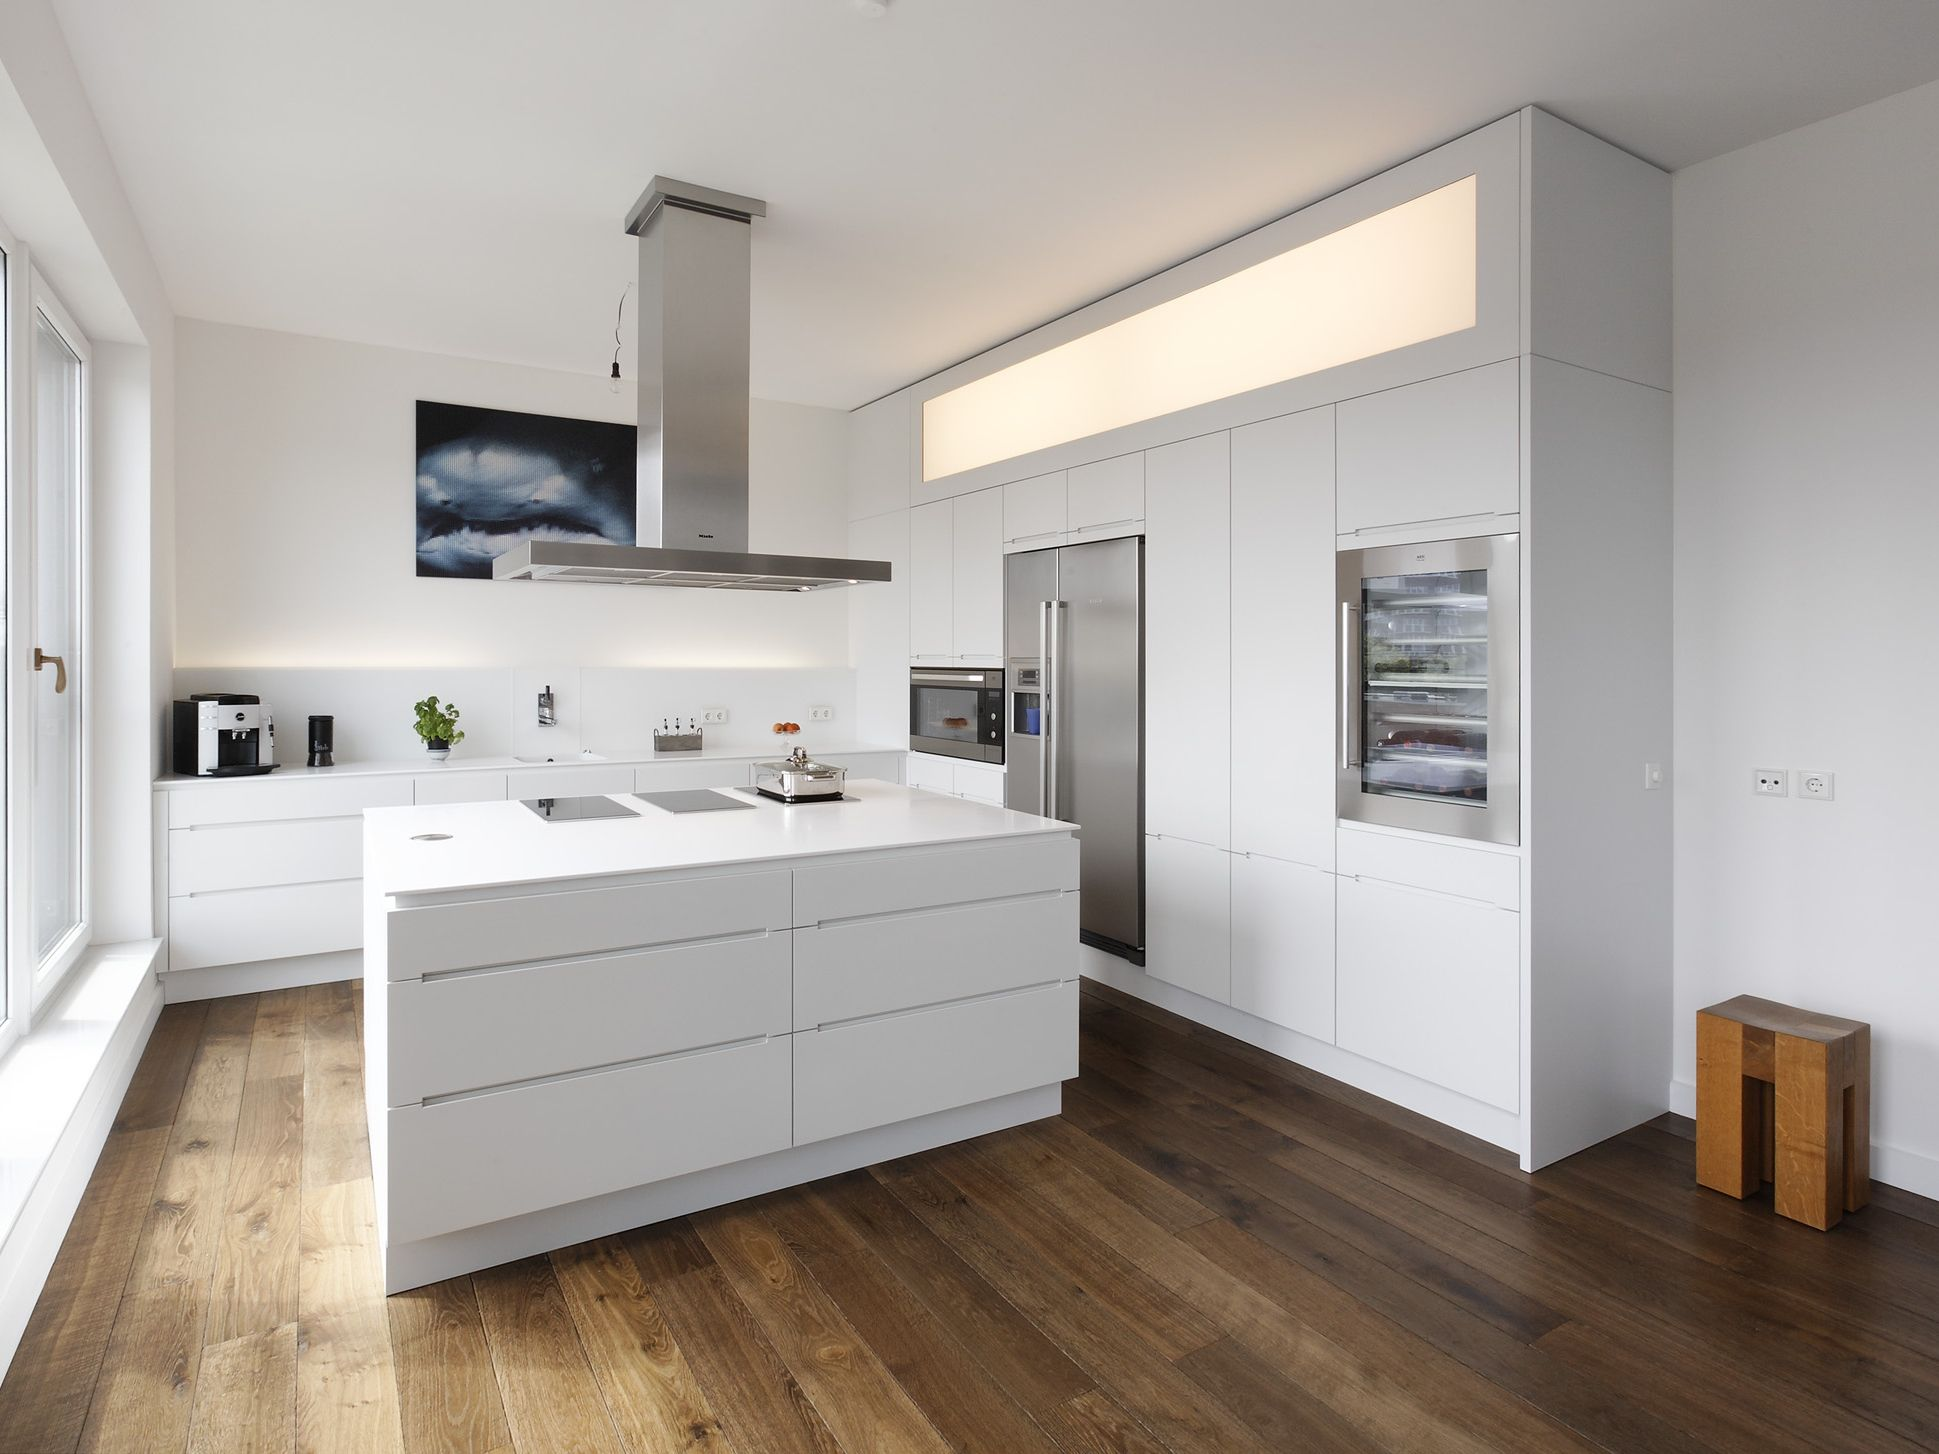 Beeindruckend Griffe Küche | Küchen Ideen